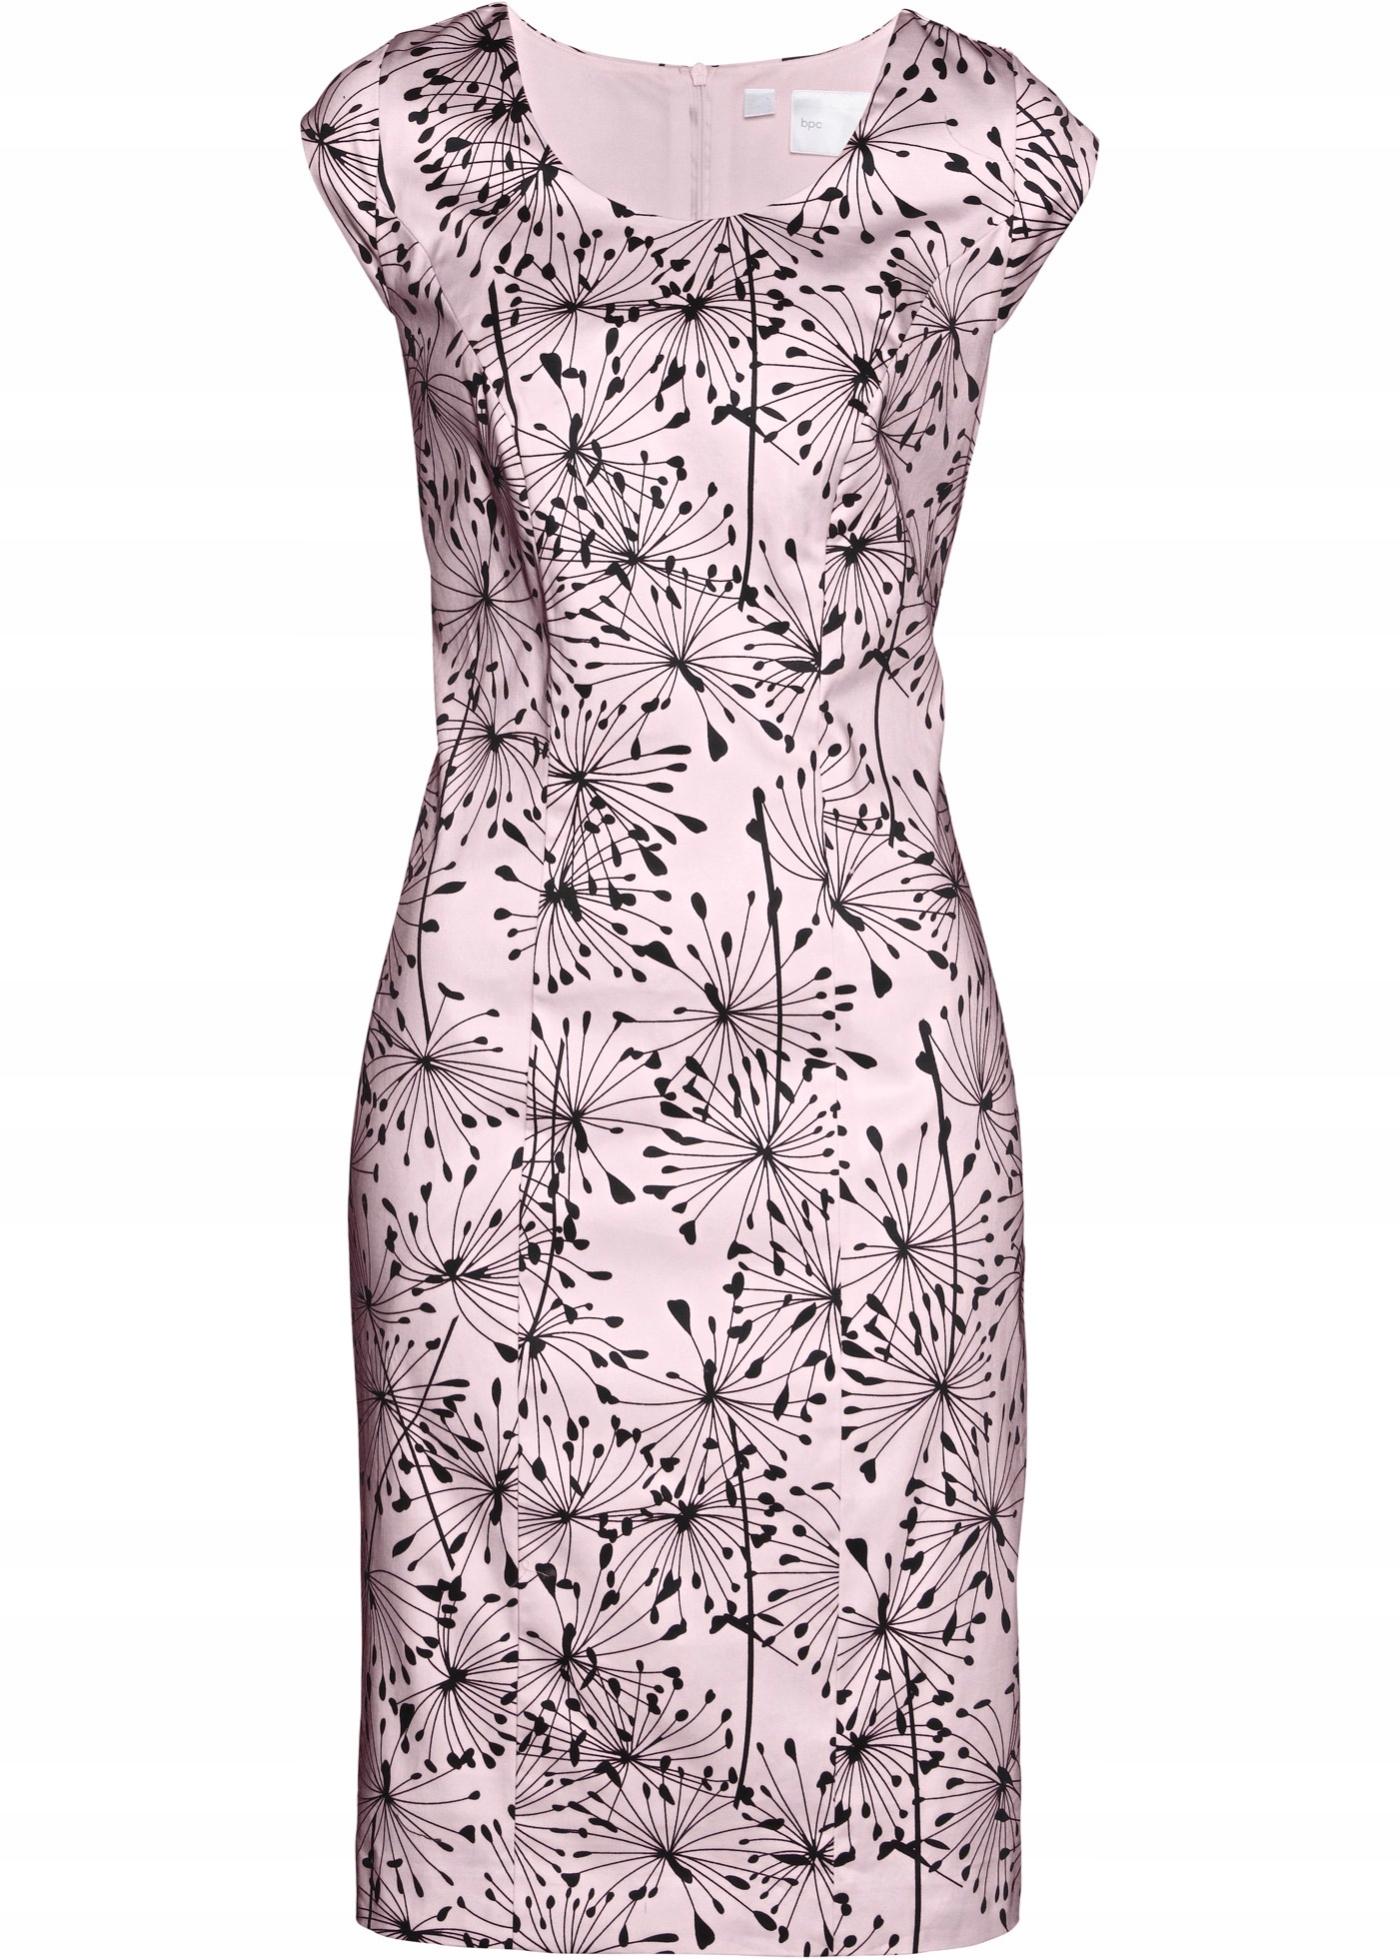 Sukienka róż/czarna Etui stretch Bawełna R 44